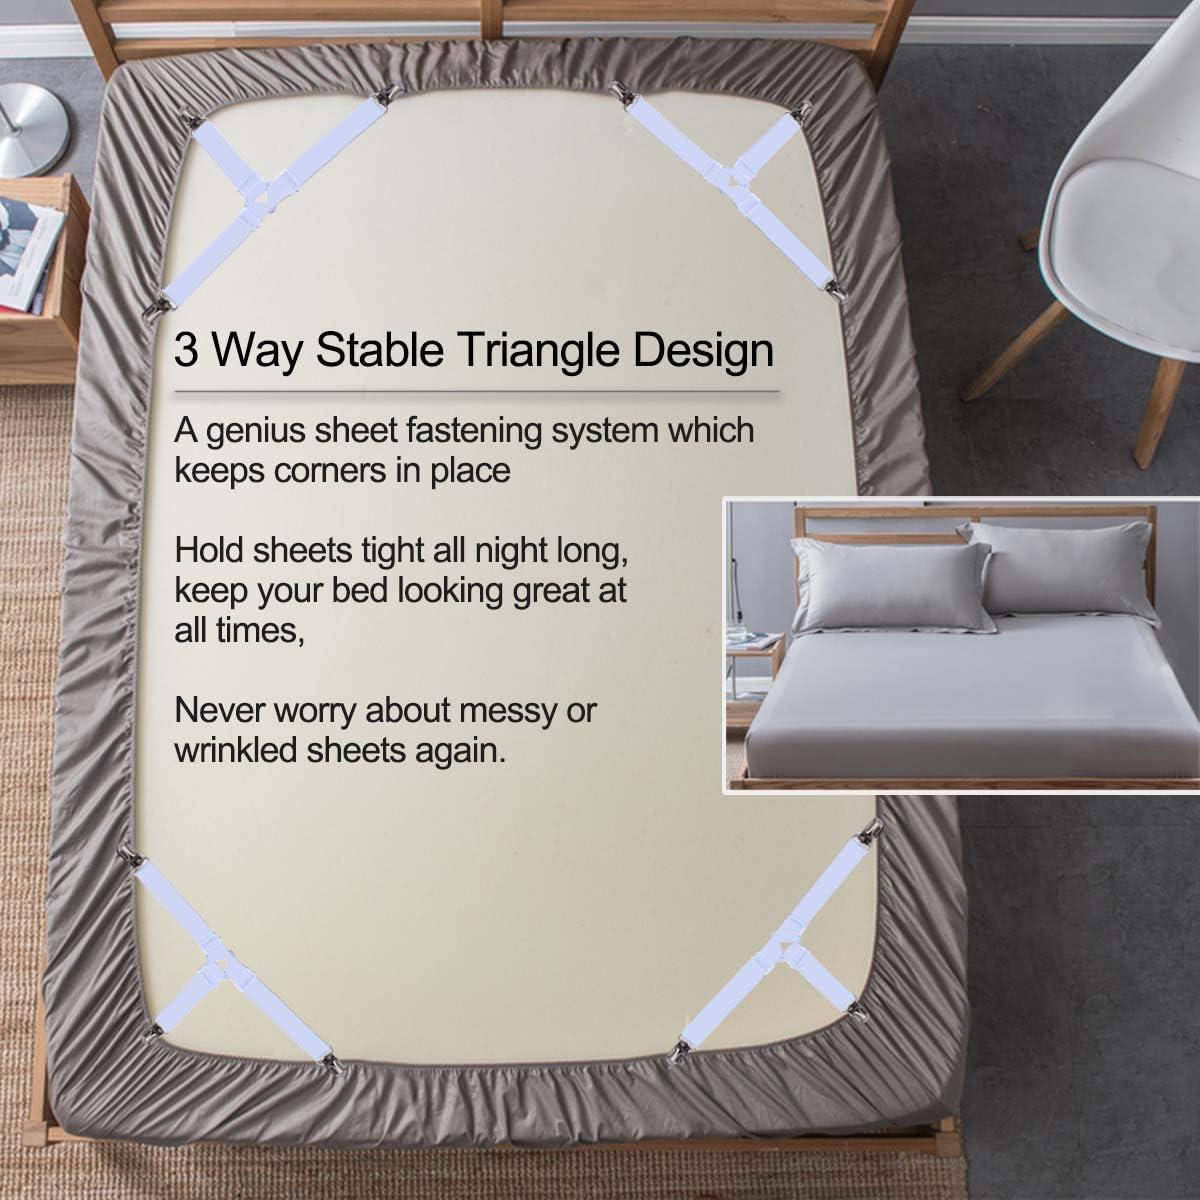 Triangle Drap de Lit Attaches 4Pcs Blanc Triangle Sheet Fasteners Pinces De Drap De Lit Fixe,Fixe draps Housse /élastiques /élastique Tendeur de Draps R/églable Sangle pour Matelas